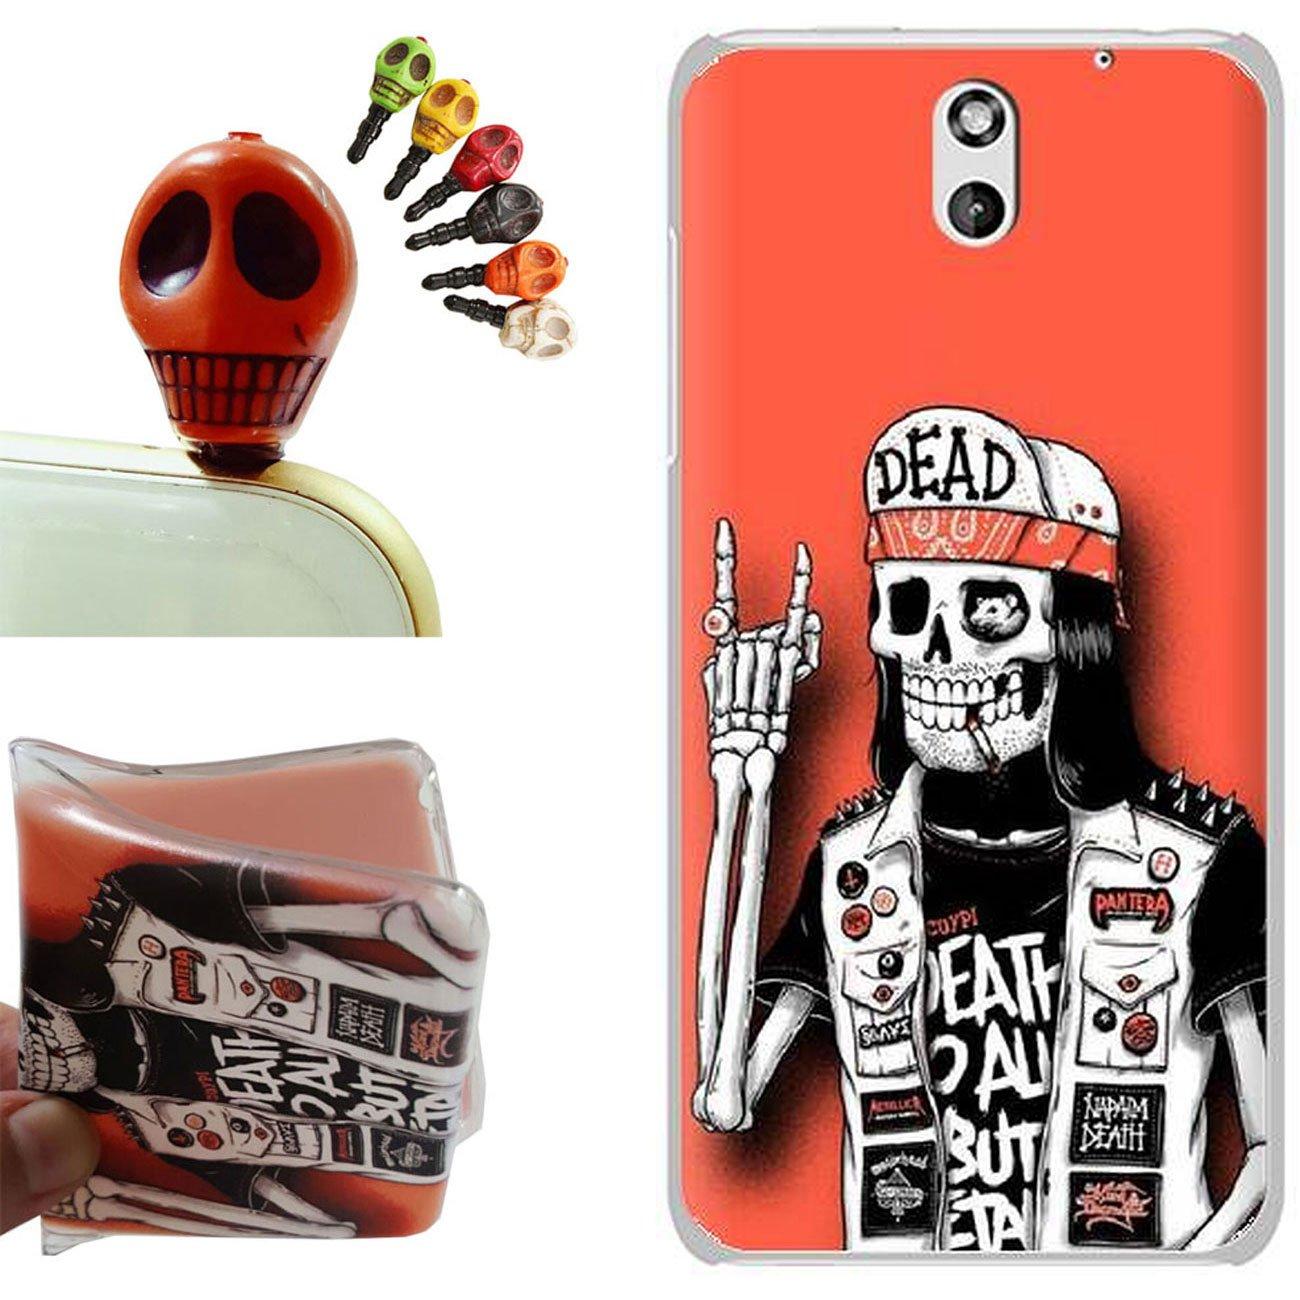 HTC Desire 610 funda - Gallery88 HTC Desire 610 Carcasa, (Cráneo de la roca) Suave TPU protectora de Silicona de Gel Funda Tapa Case Cover para HTC ...